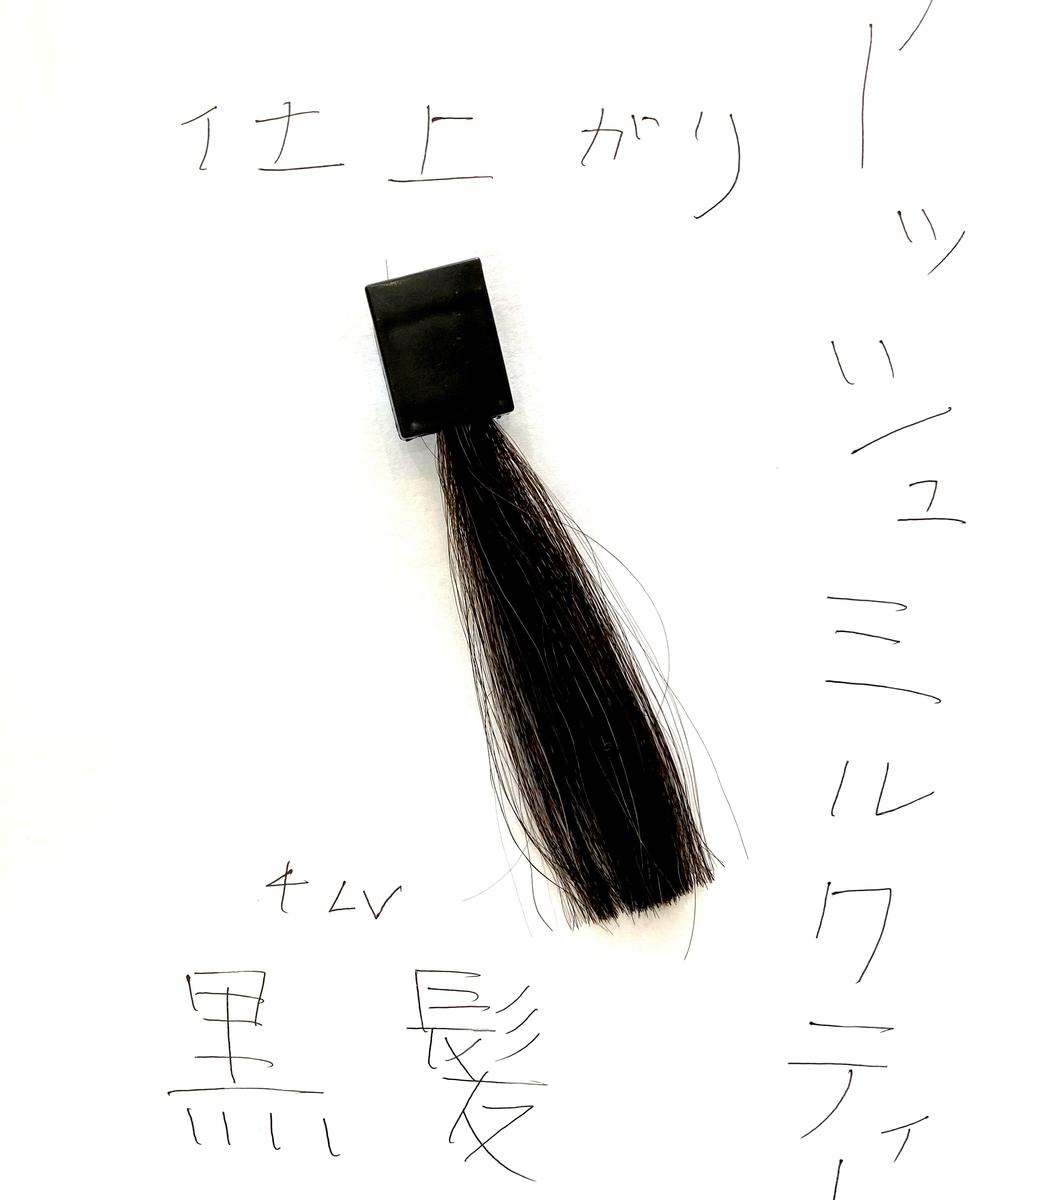 アッシュミルクティーで染めた後の黒髪の毛束